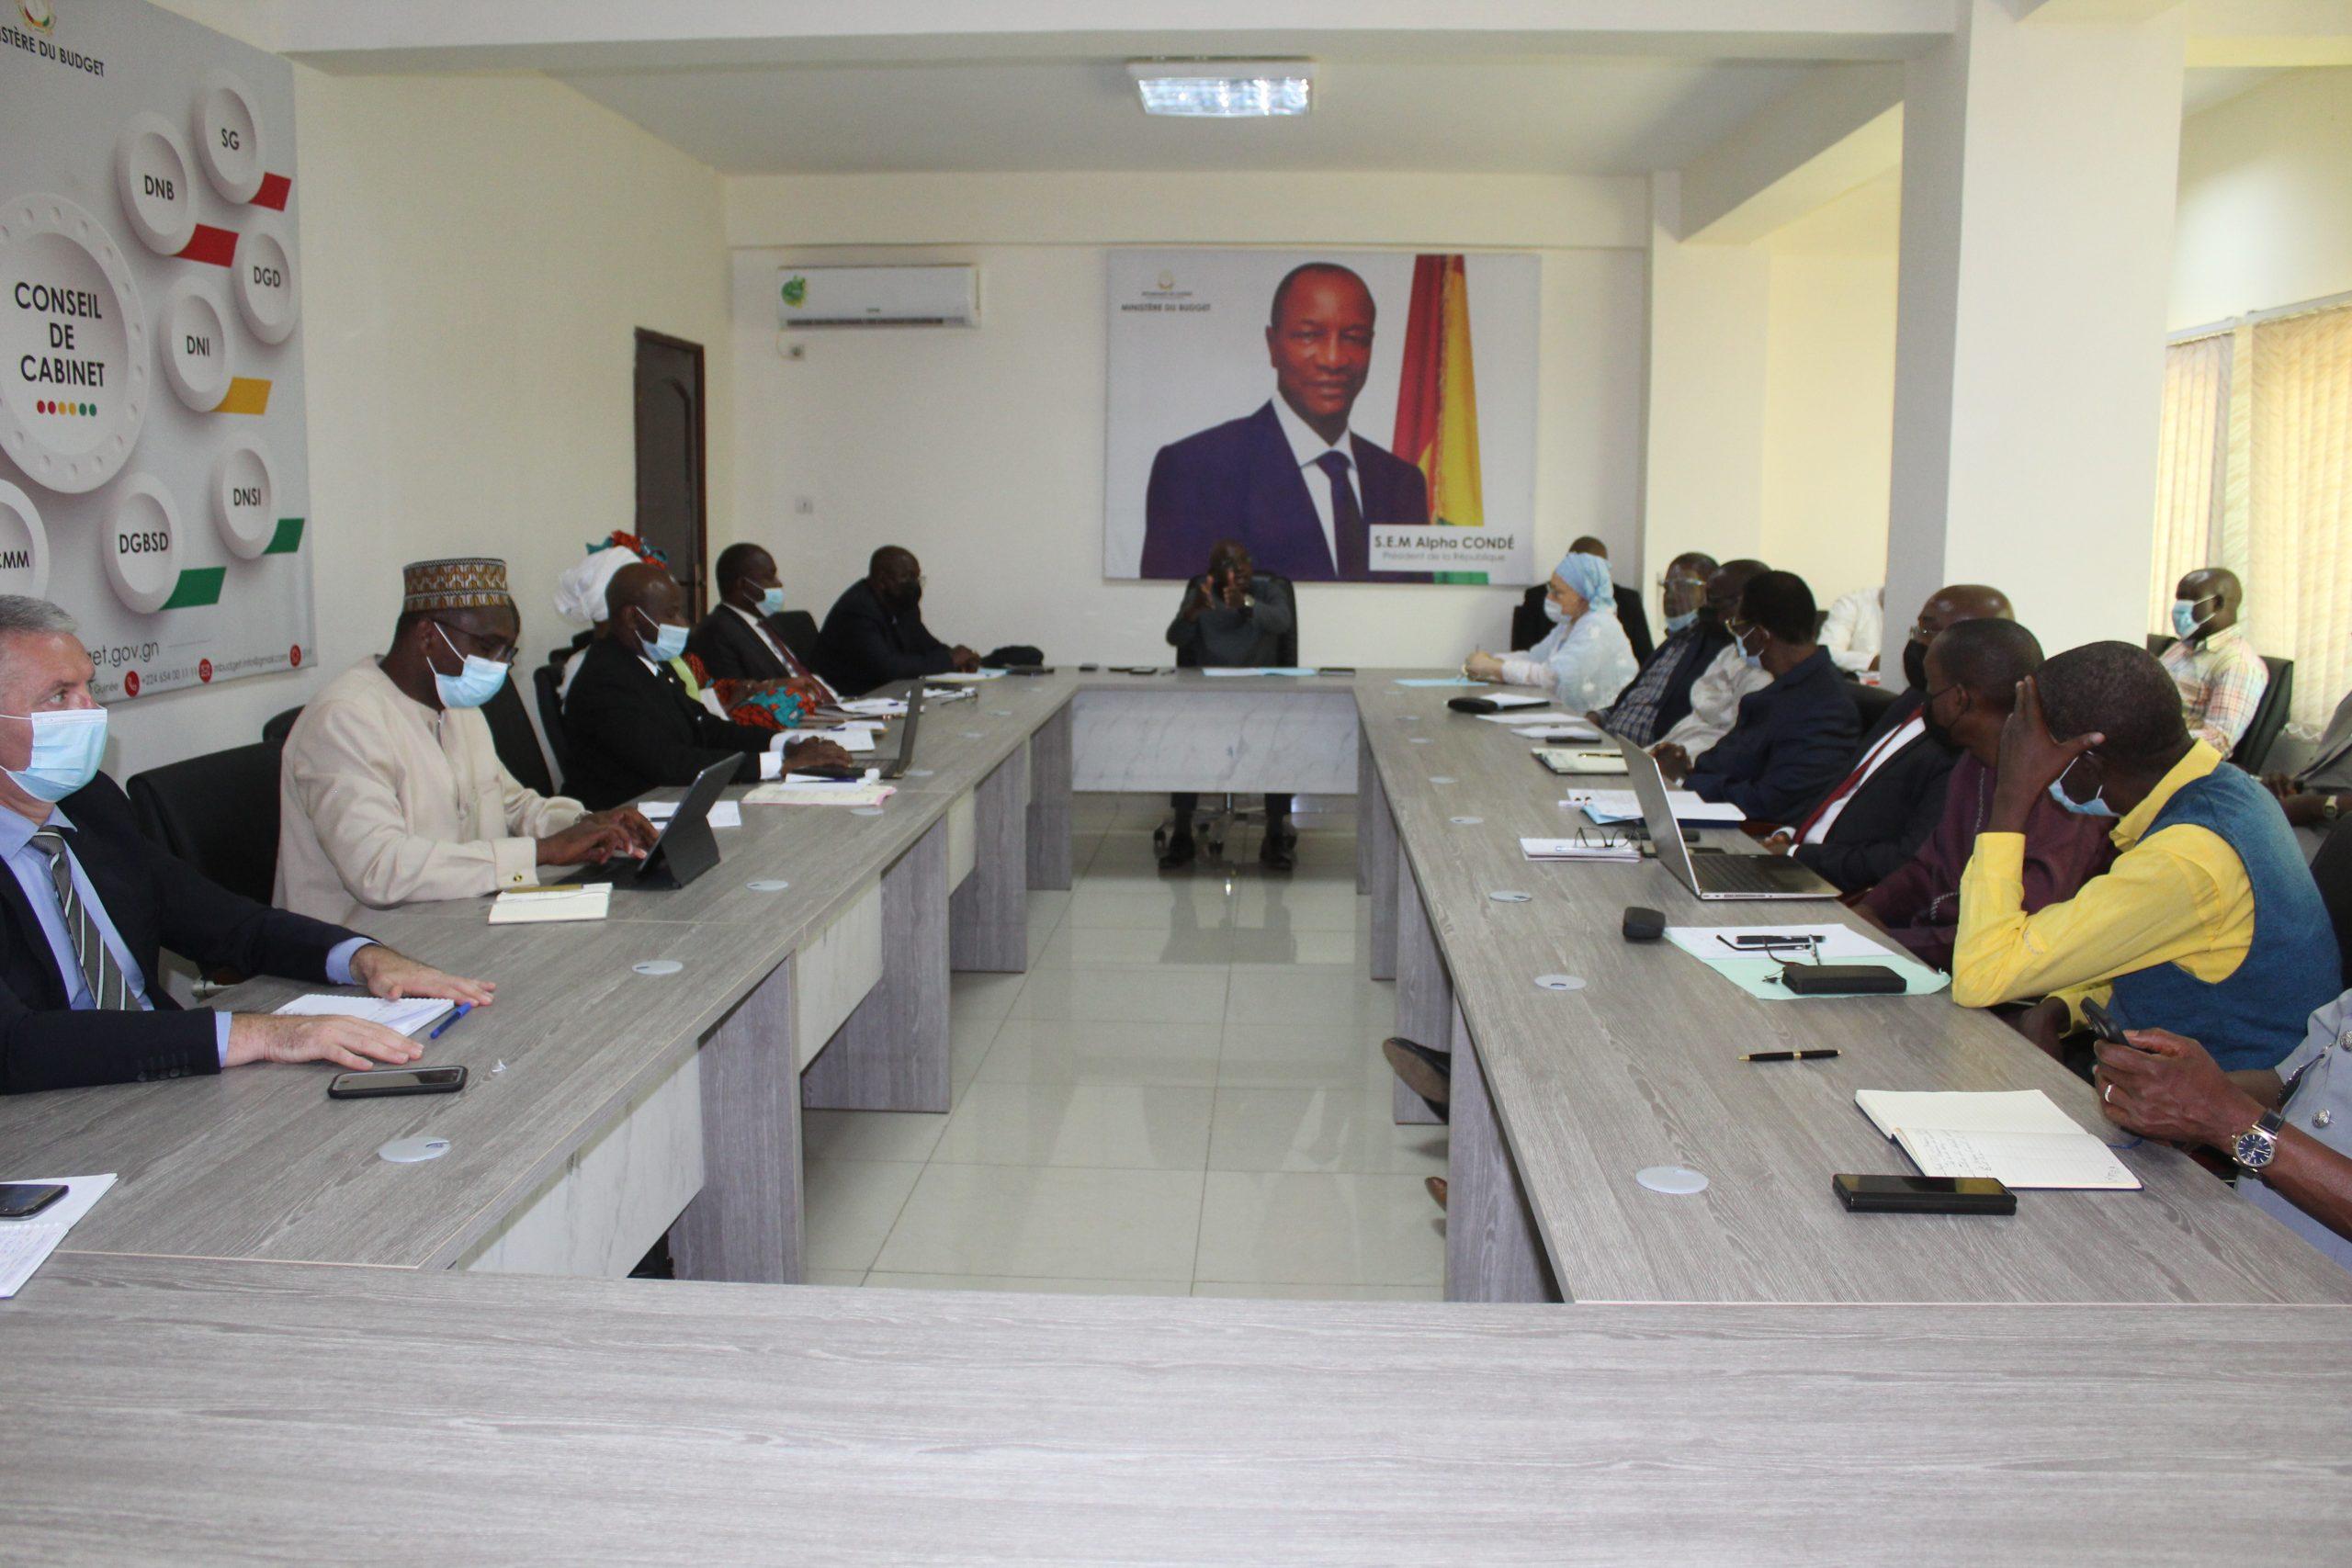 Compte rendu de la réunion de Cabinet Hebdomadaire du Ministère du Budget de ce lundi 19 avril 2021